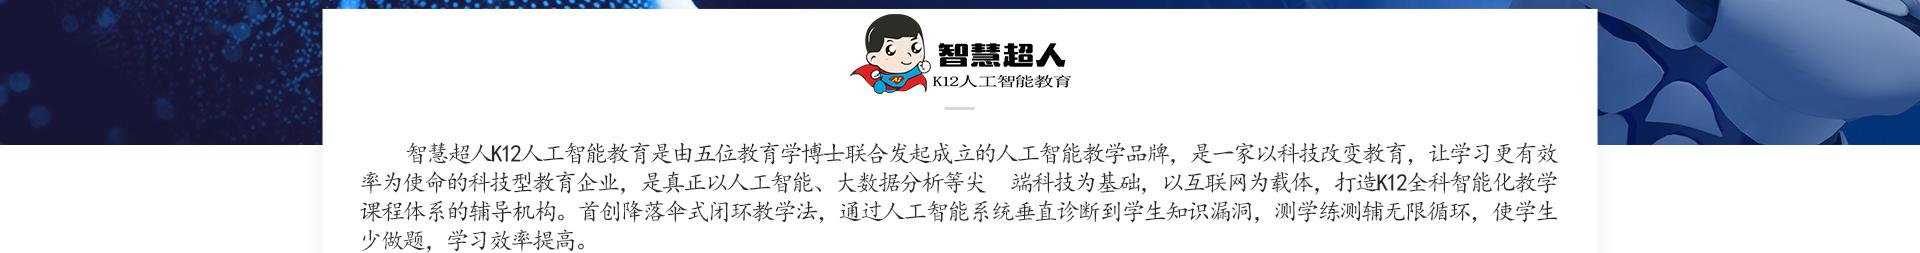 智慧超人K12人工智能教育zzcr_05